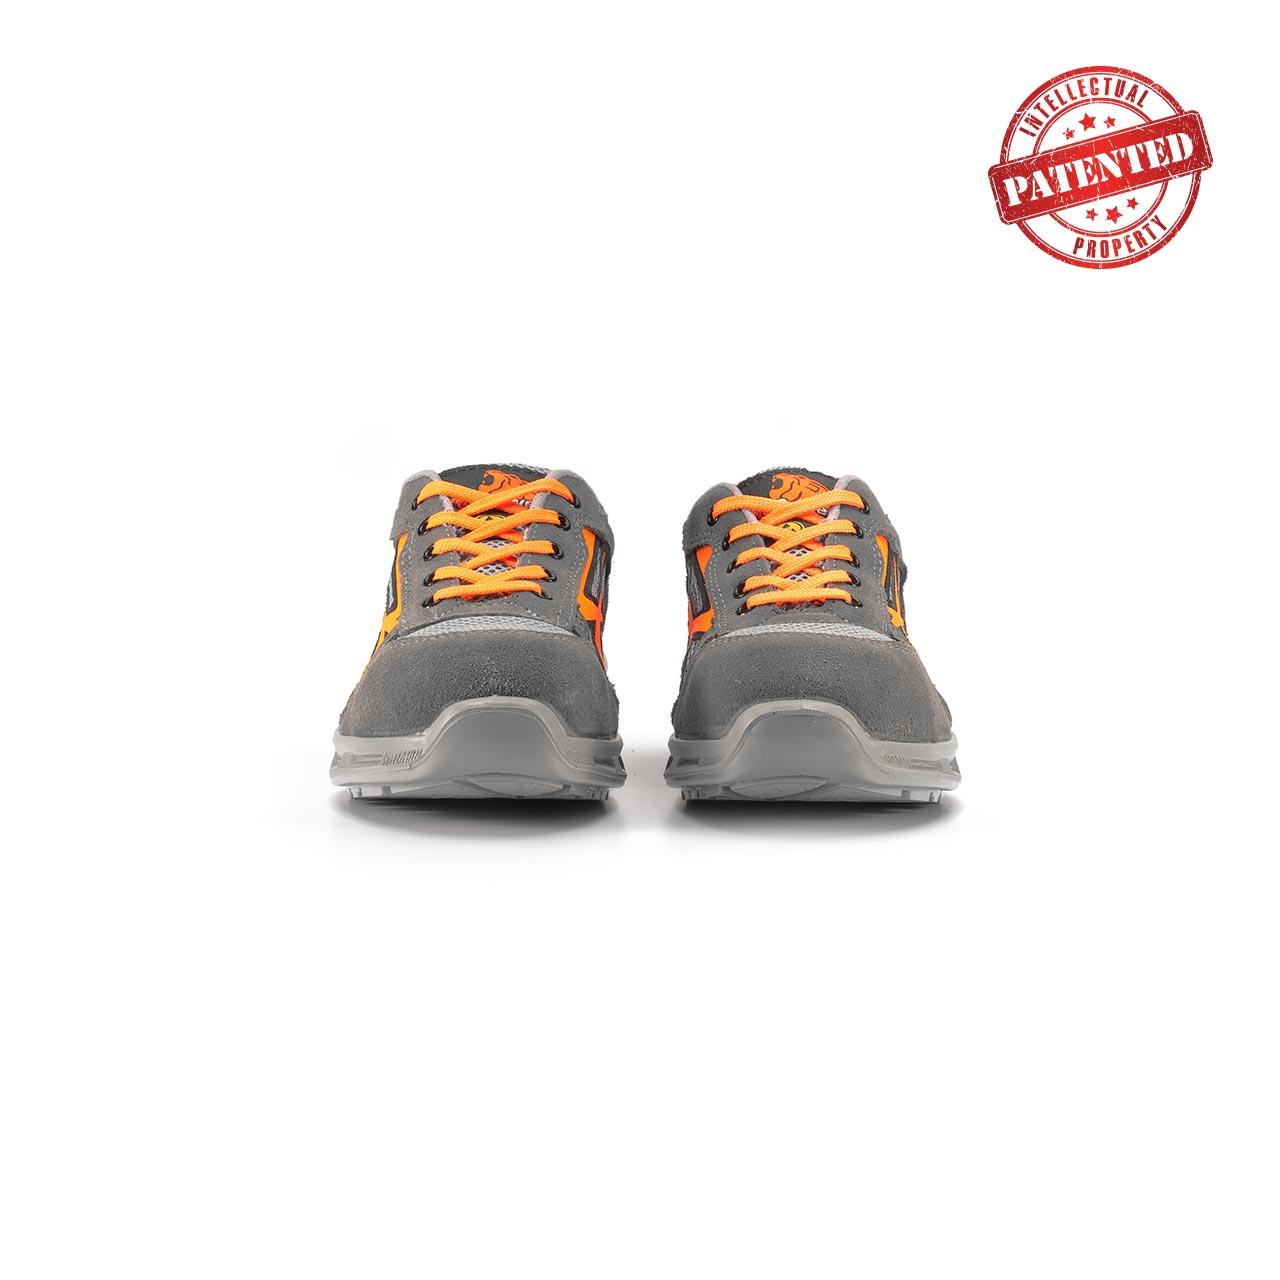 paio di scarpe antinfortunistiche upower modello ultra linea redlion vista frontale